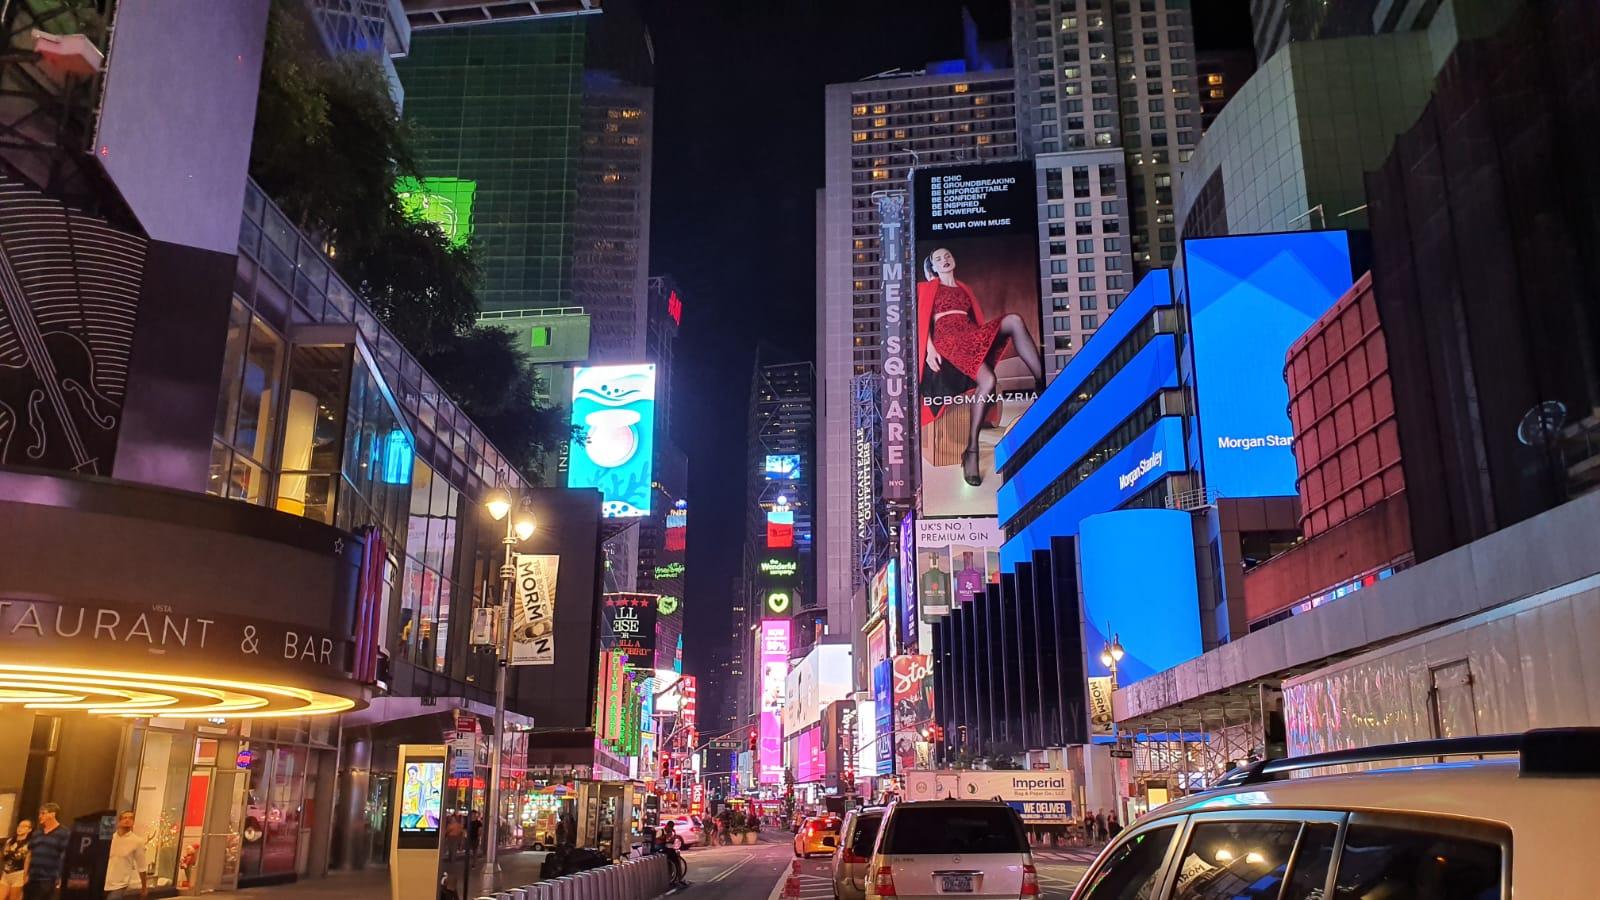 الصورة: هذه هي الطريقة التي تلتقط بها سامسونج الجديدة الصور Galaxy Note10 +! + الصور الليلية والفيديو 21